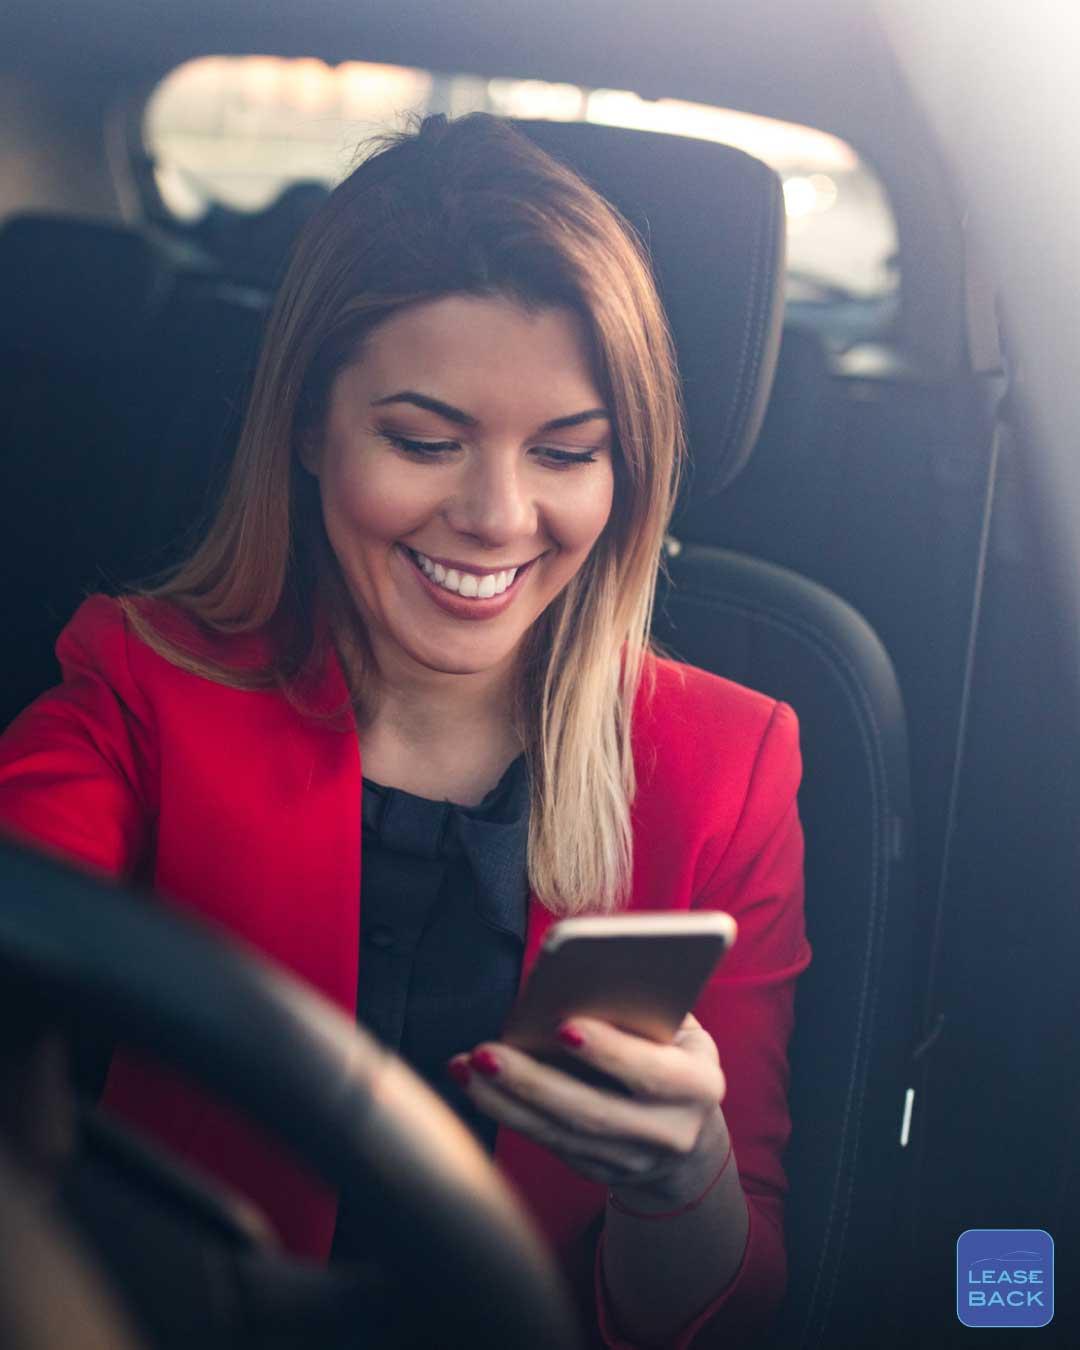 Financial lease voorstel om je auto terug te leasen bij Lease-Back maakt je blij